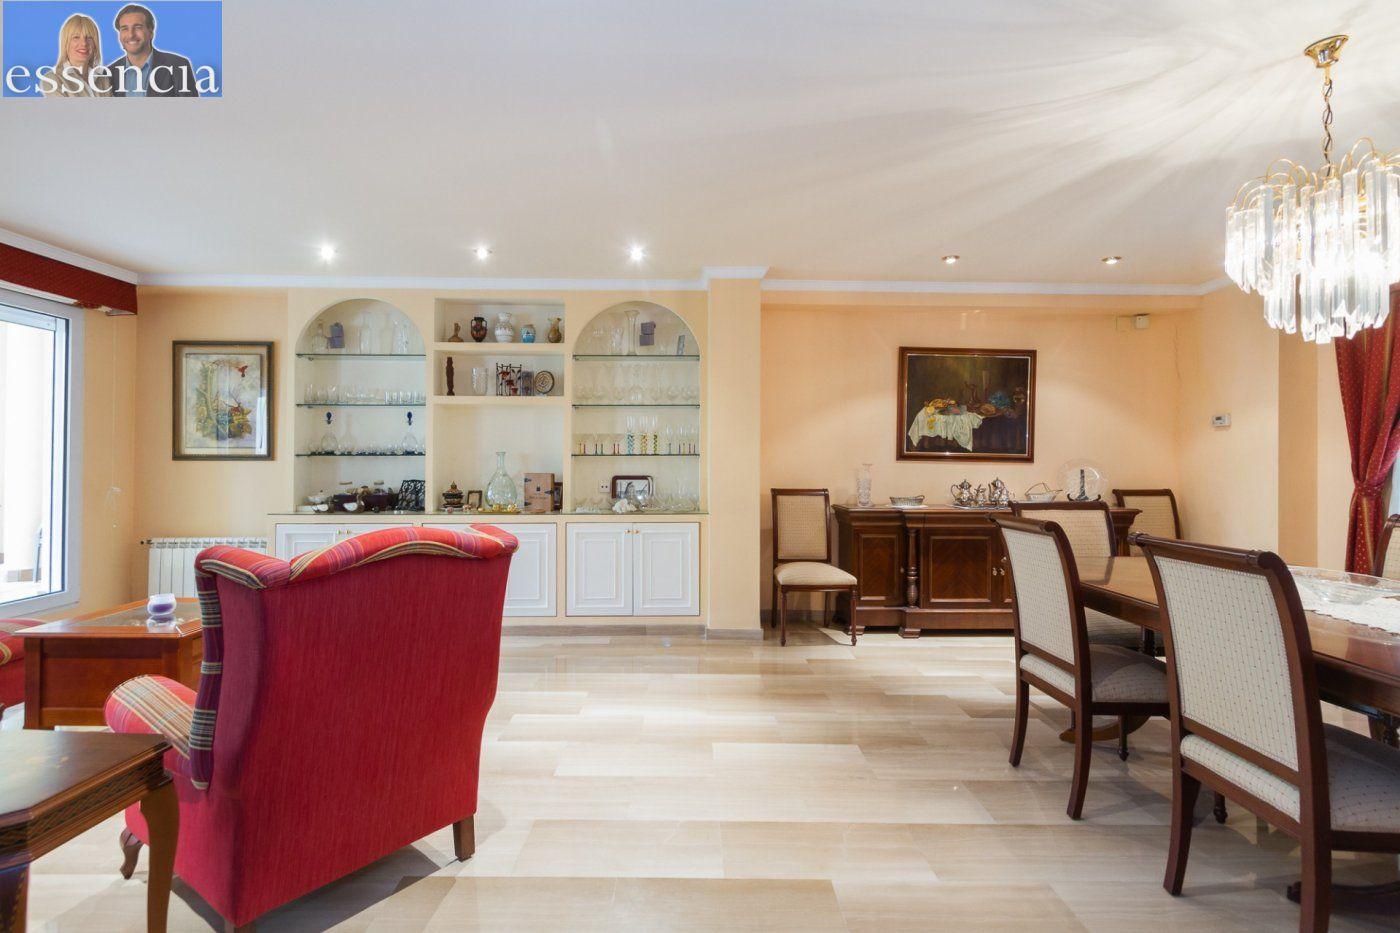 Casa con encanto en el centro de gandÍa para clientes vip - imagenInmueble7